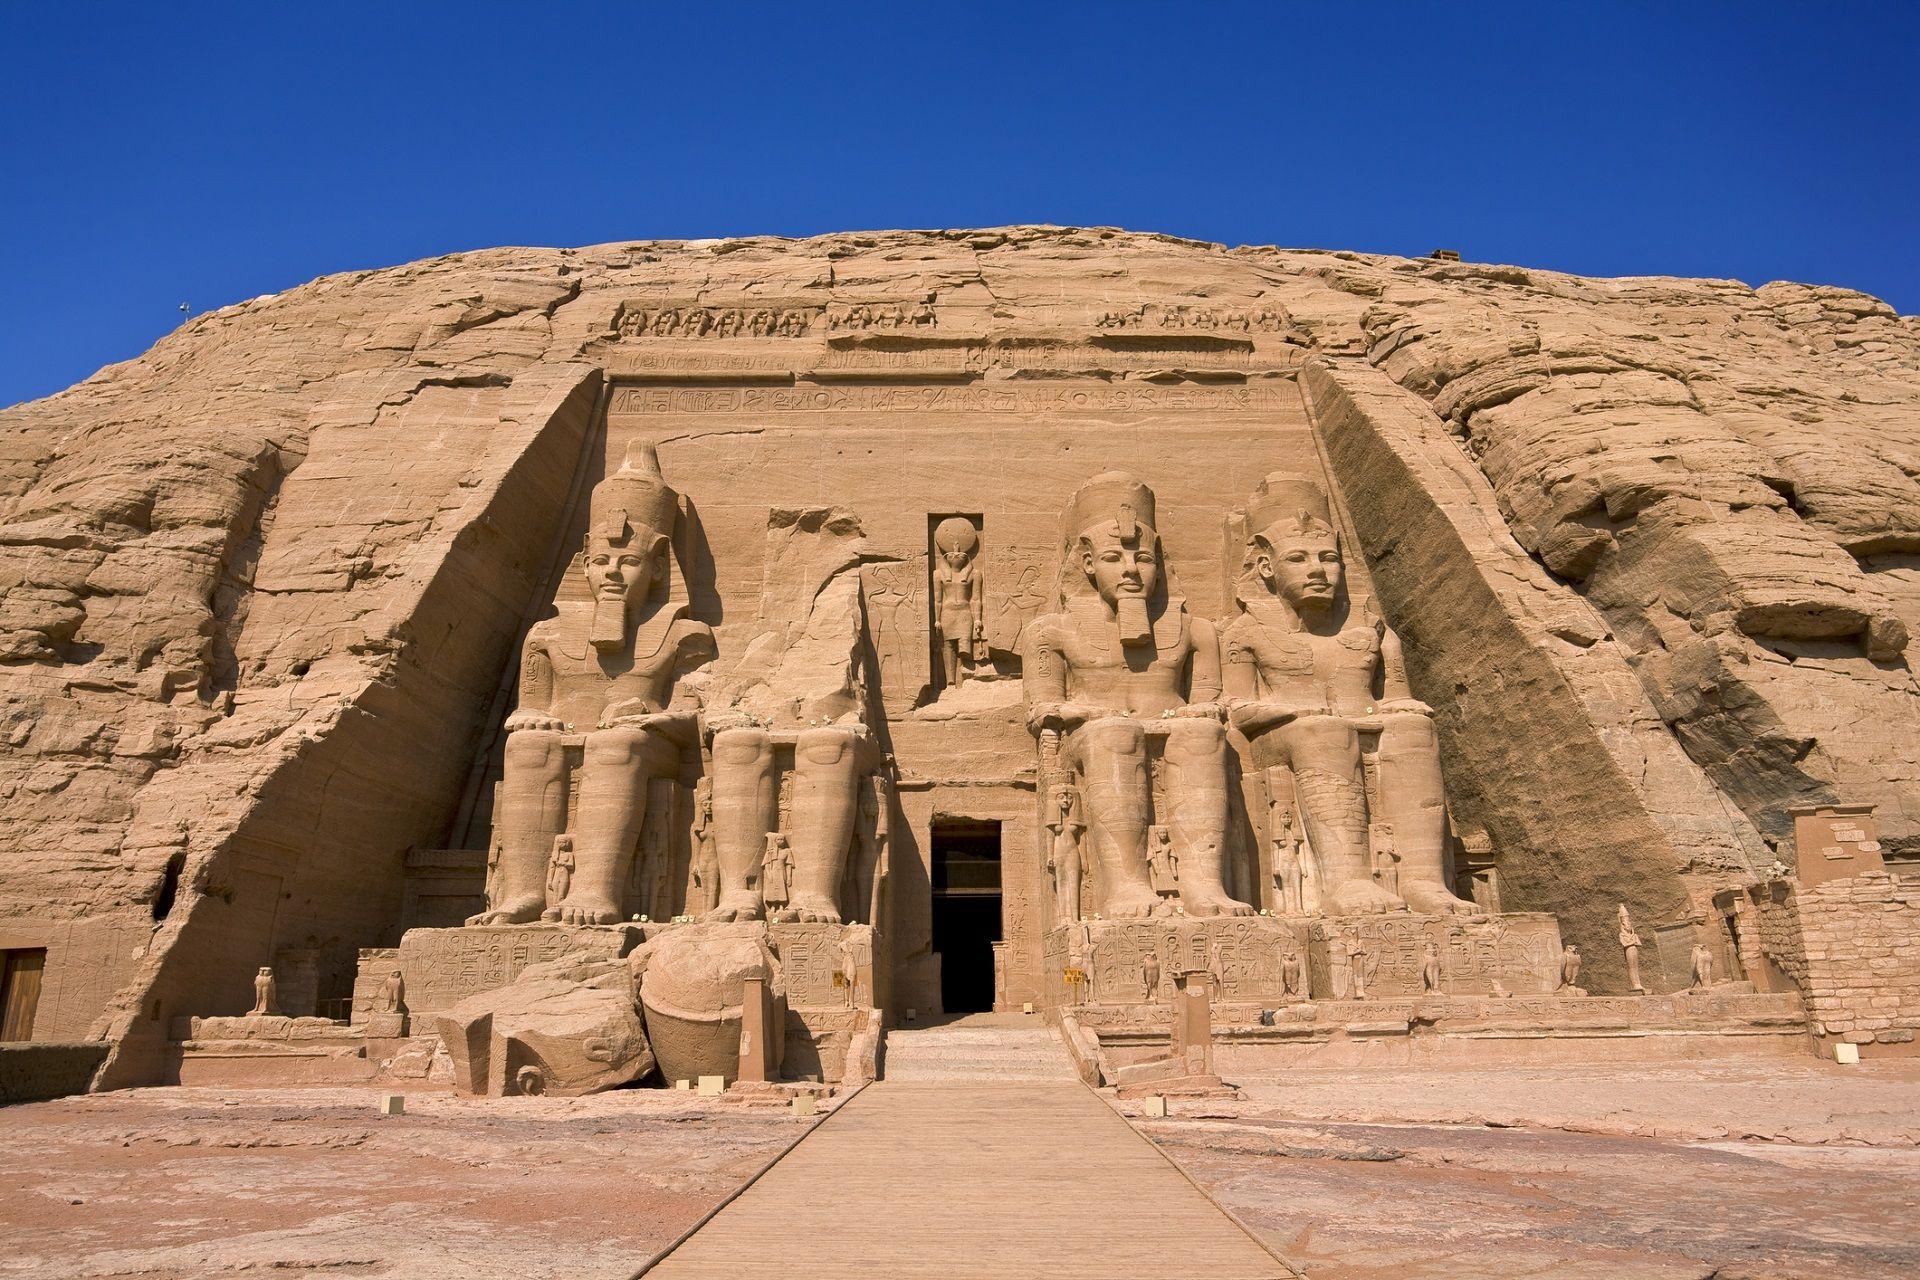 Die Top 15 Agypten Sehenswurdigkeiten Urlaubsguru In 2020 Agypten Tauchen In Agypten Hochzeitsreise